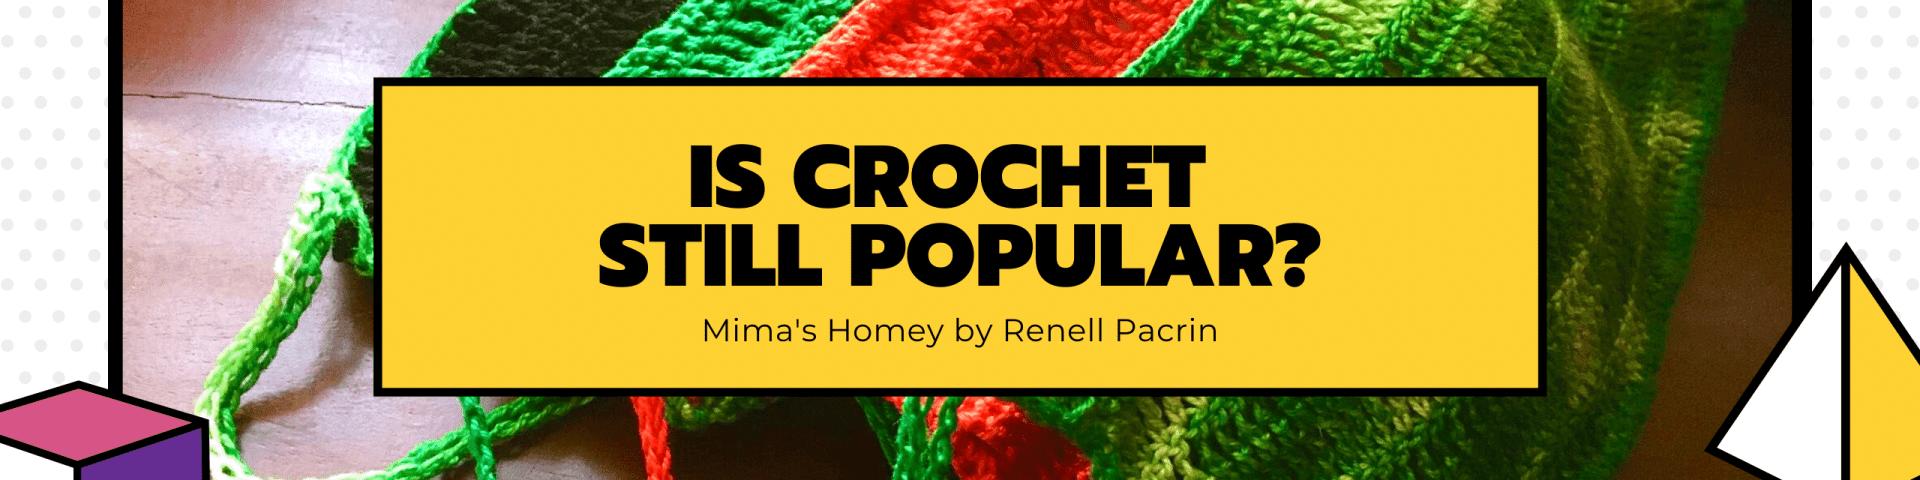 Is Crochet Still Popular